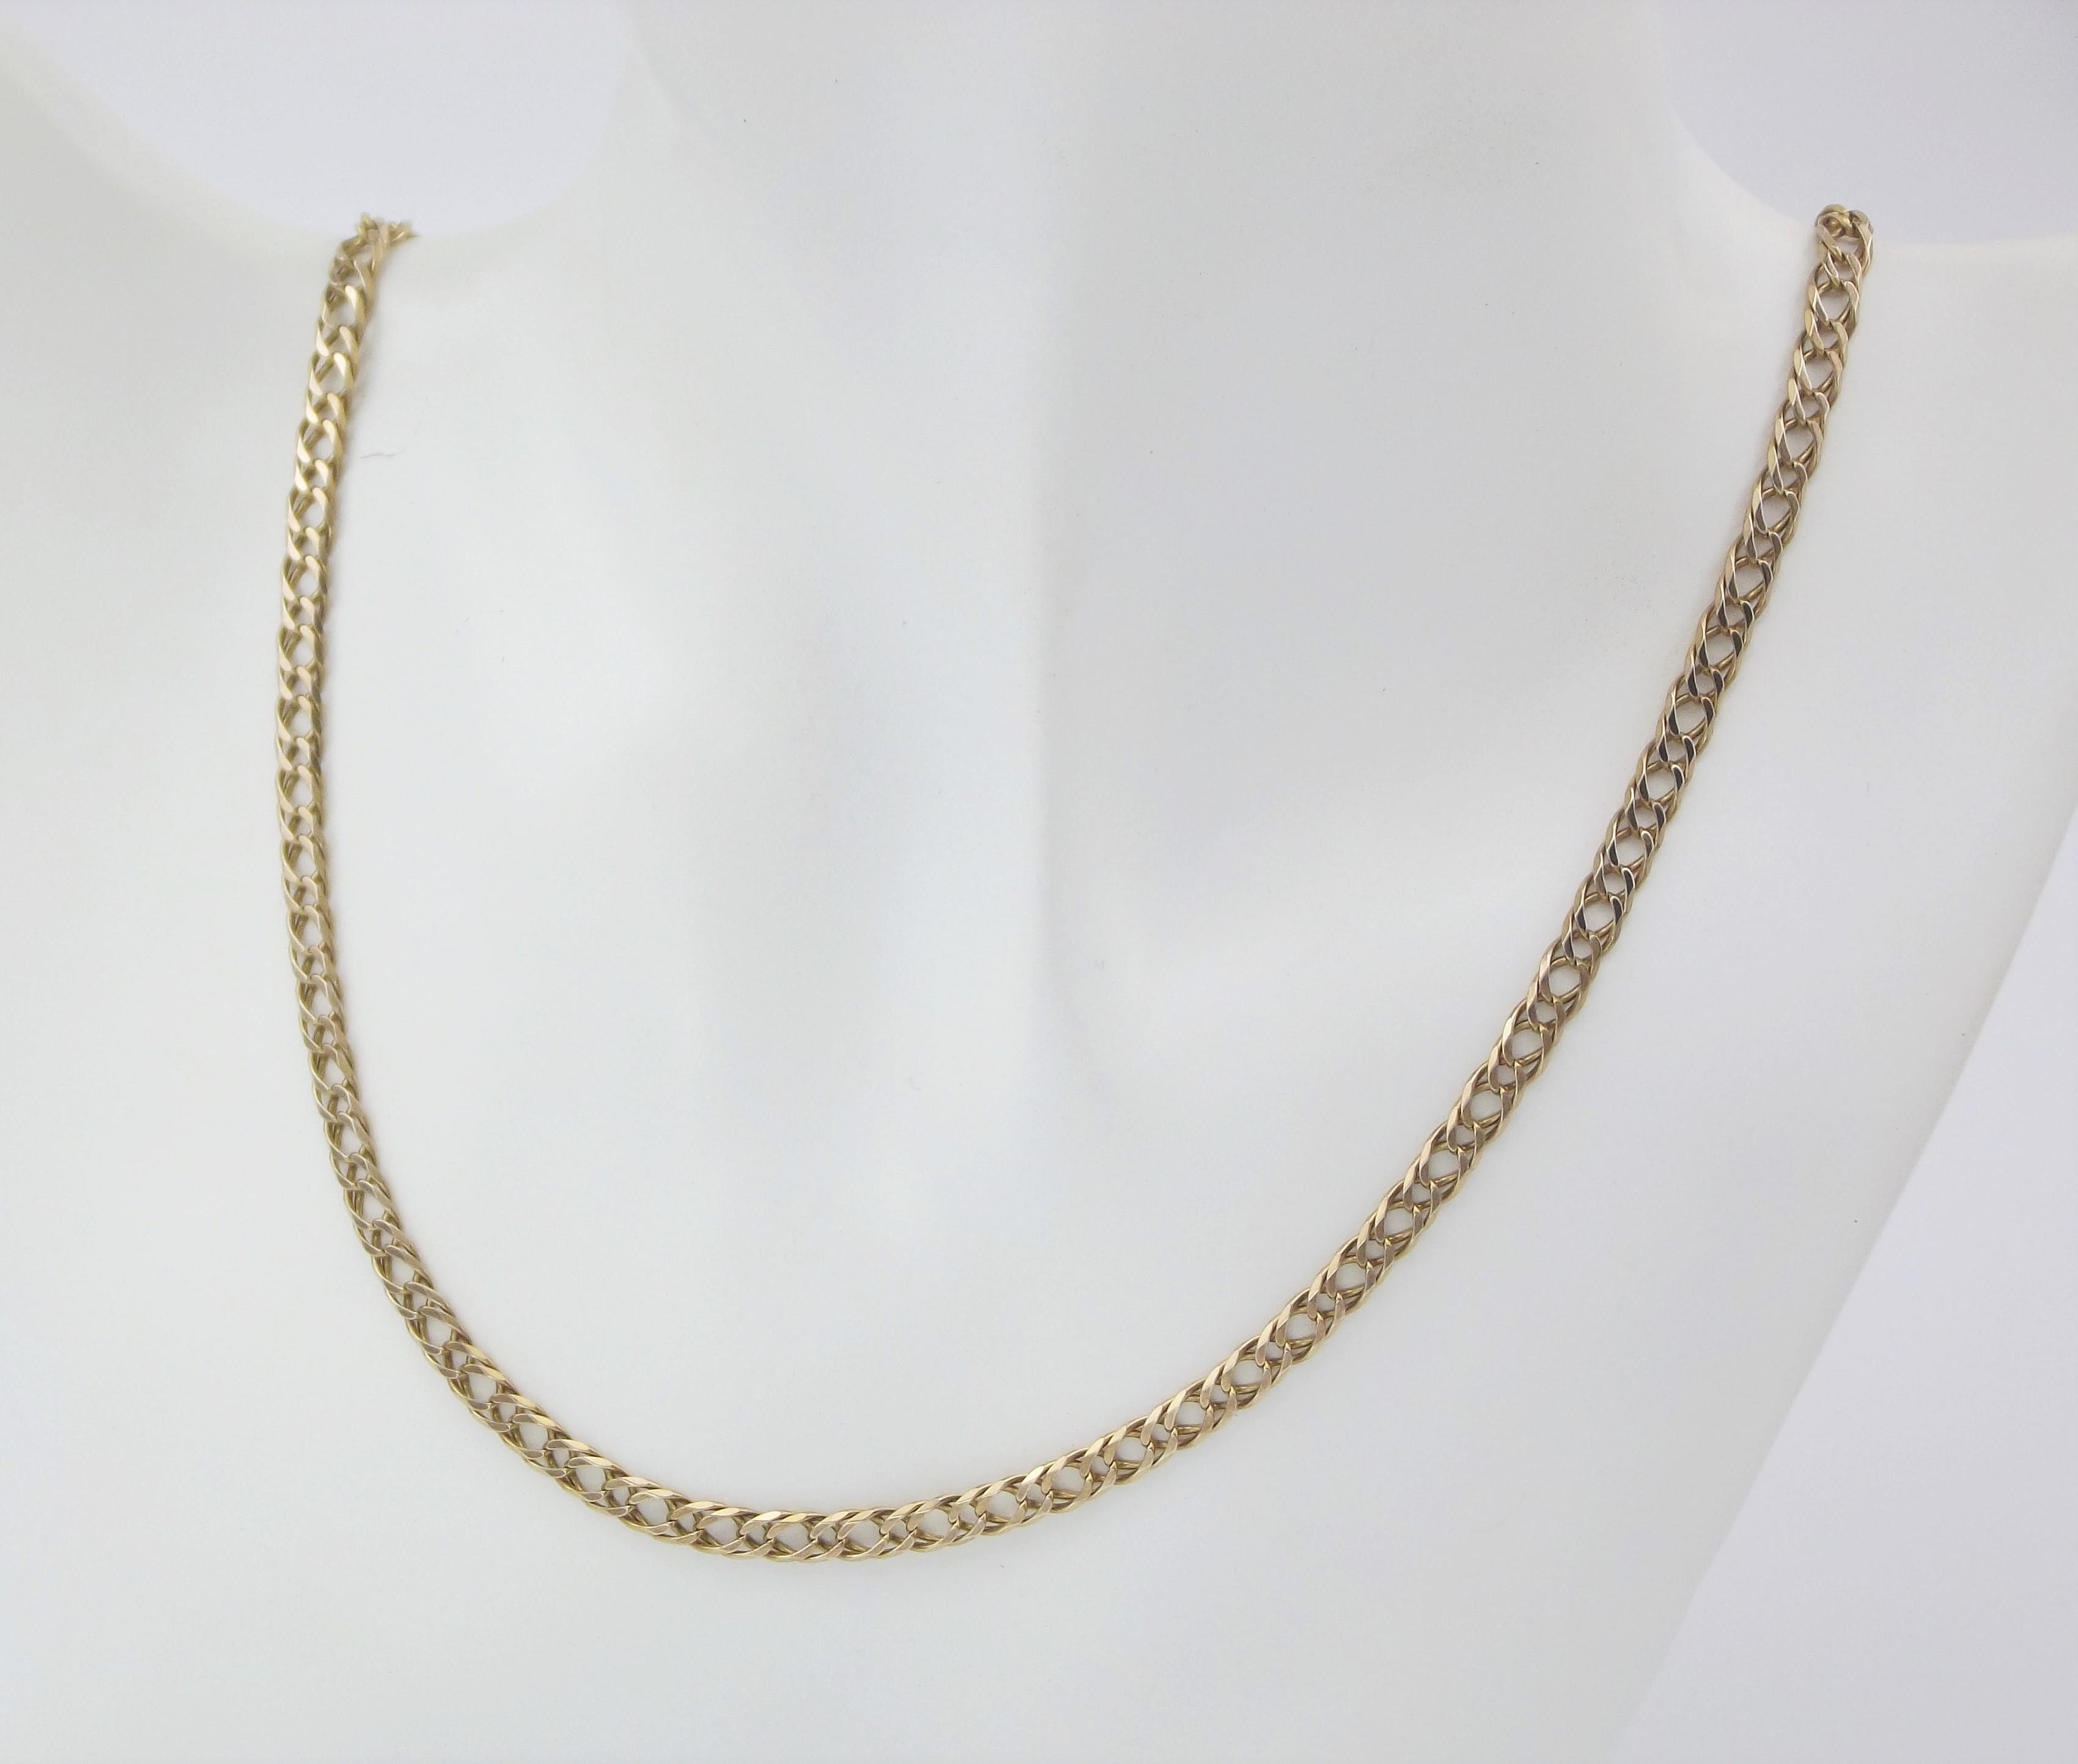 Dobbelt panserkæde guldhalskæde brugt til salg. Billig Panser halskæde sælges (2)